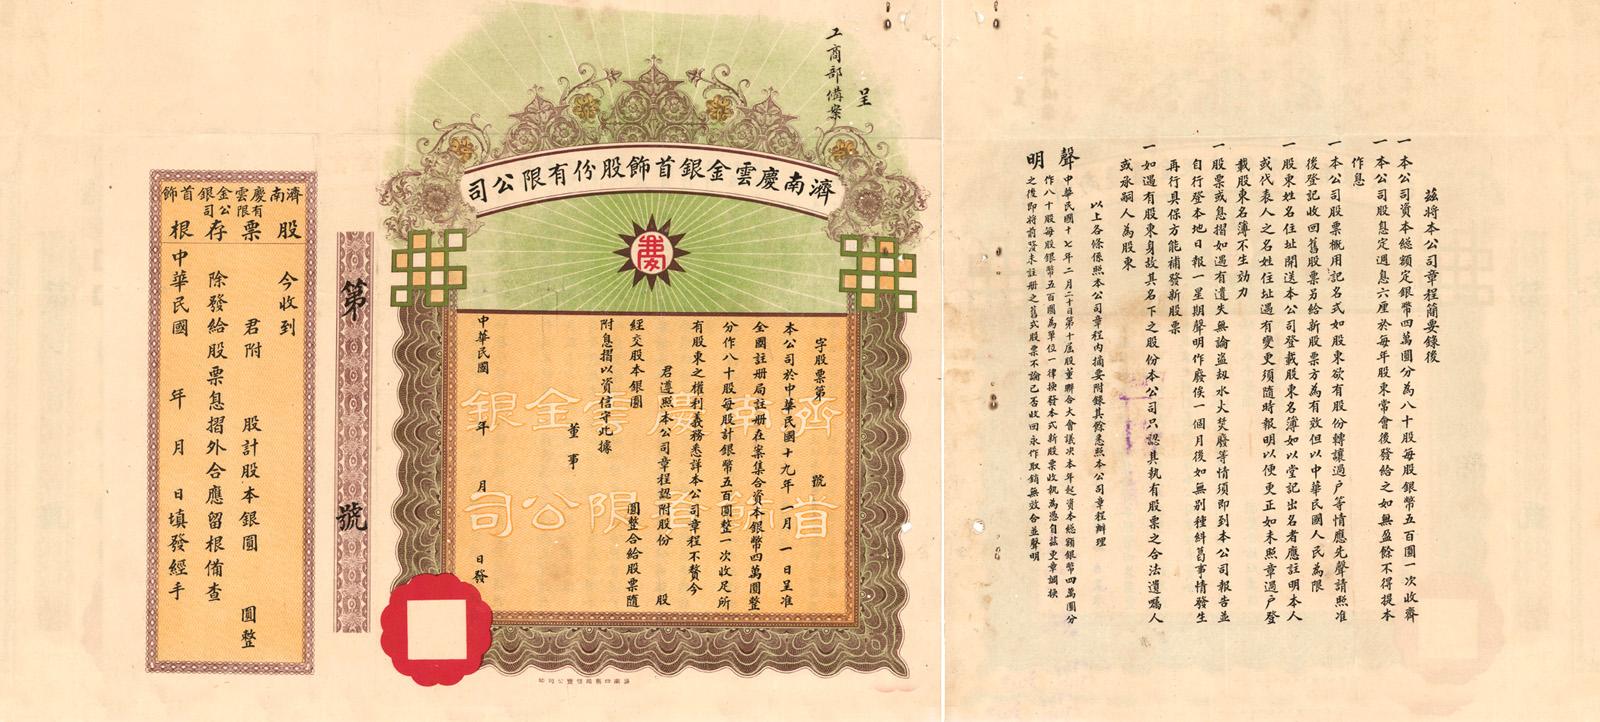 民國19年,濟南慶雲金銀首飾公司股票樣張